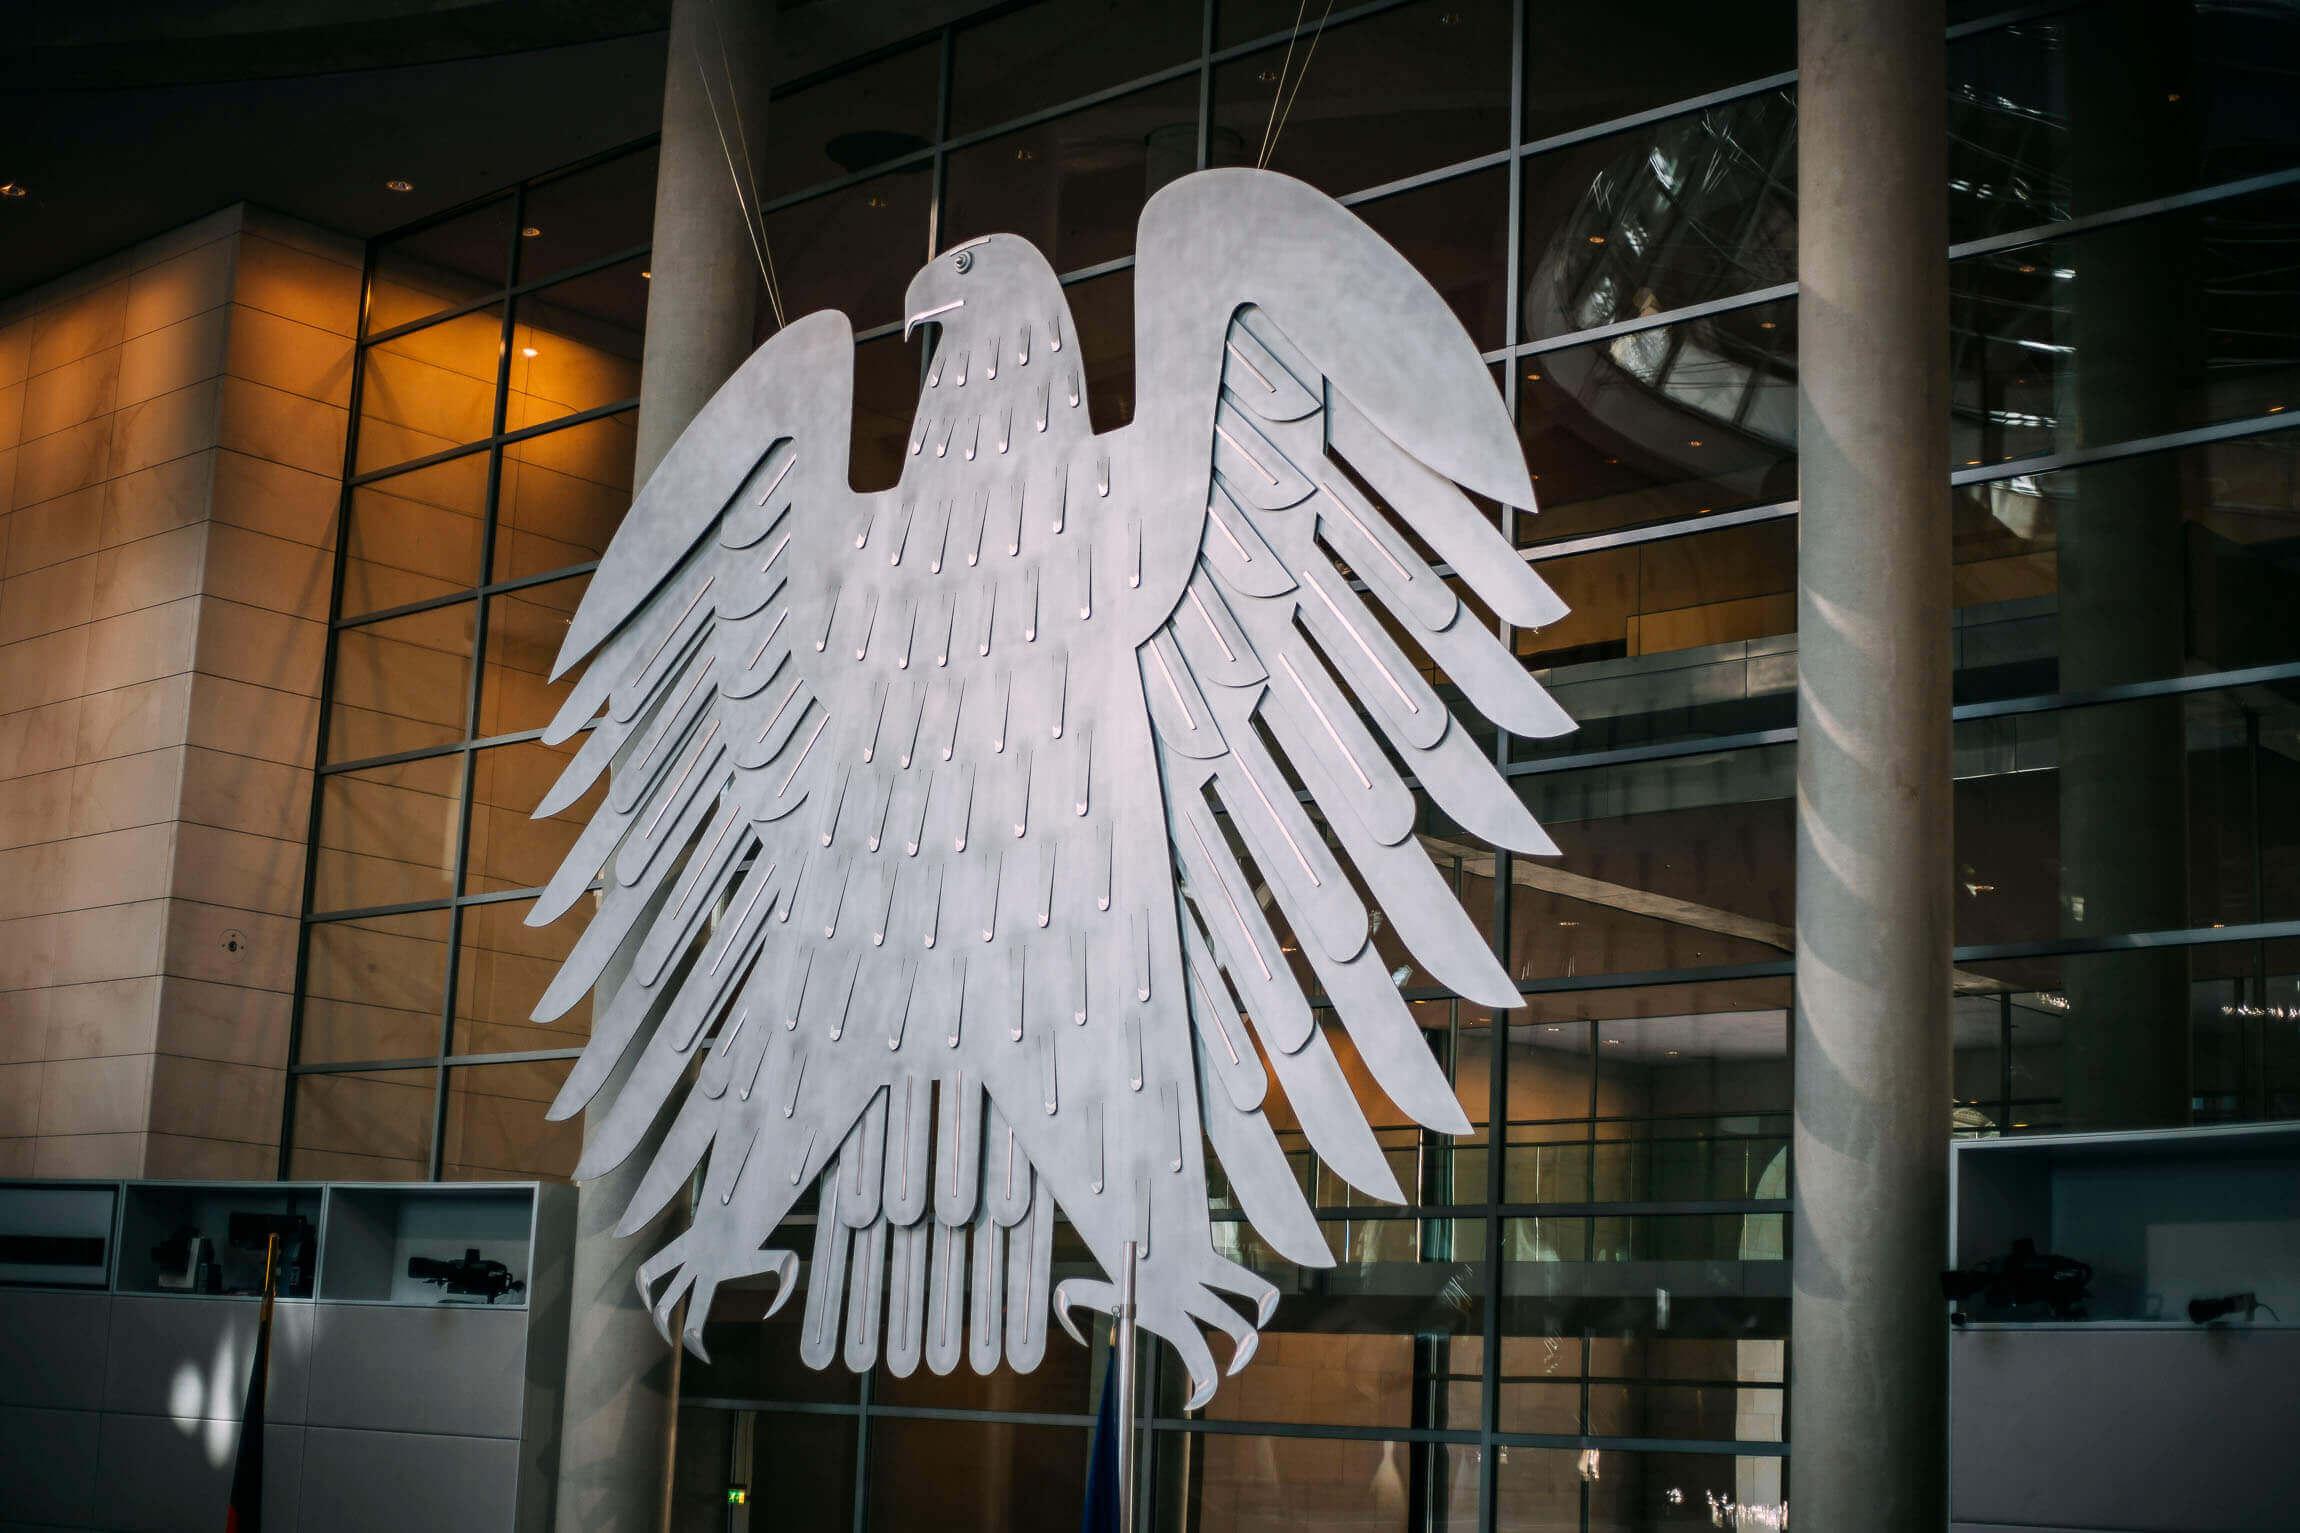 Jugendfeuerwehr Koenigstaedten Berlin 6